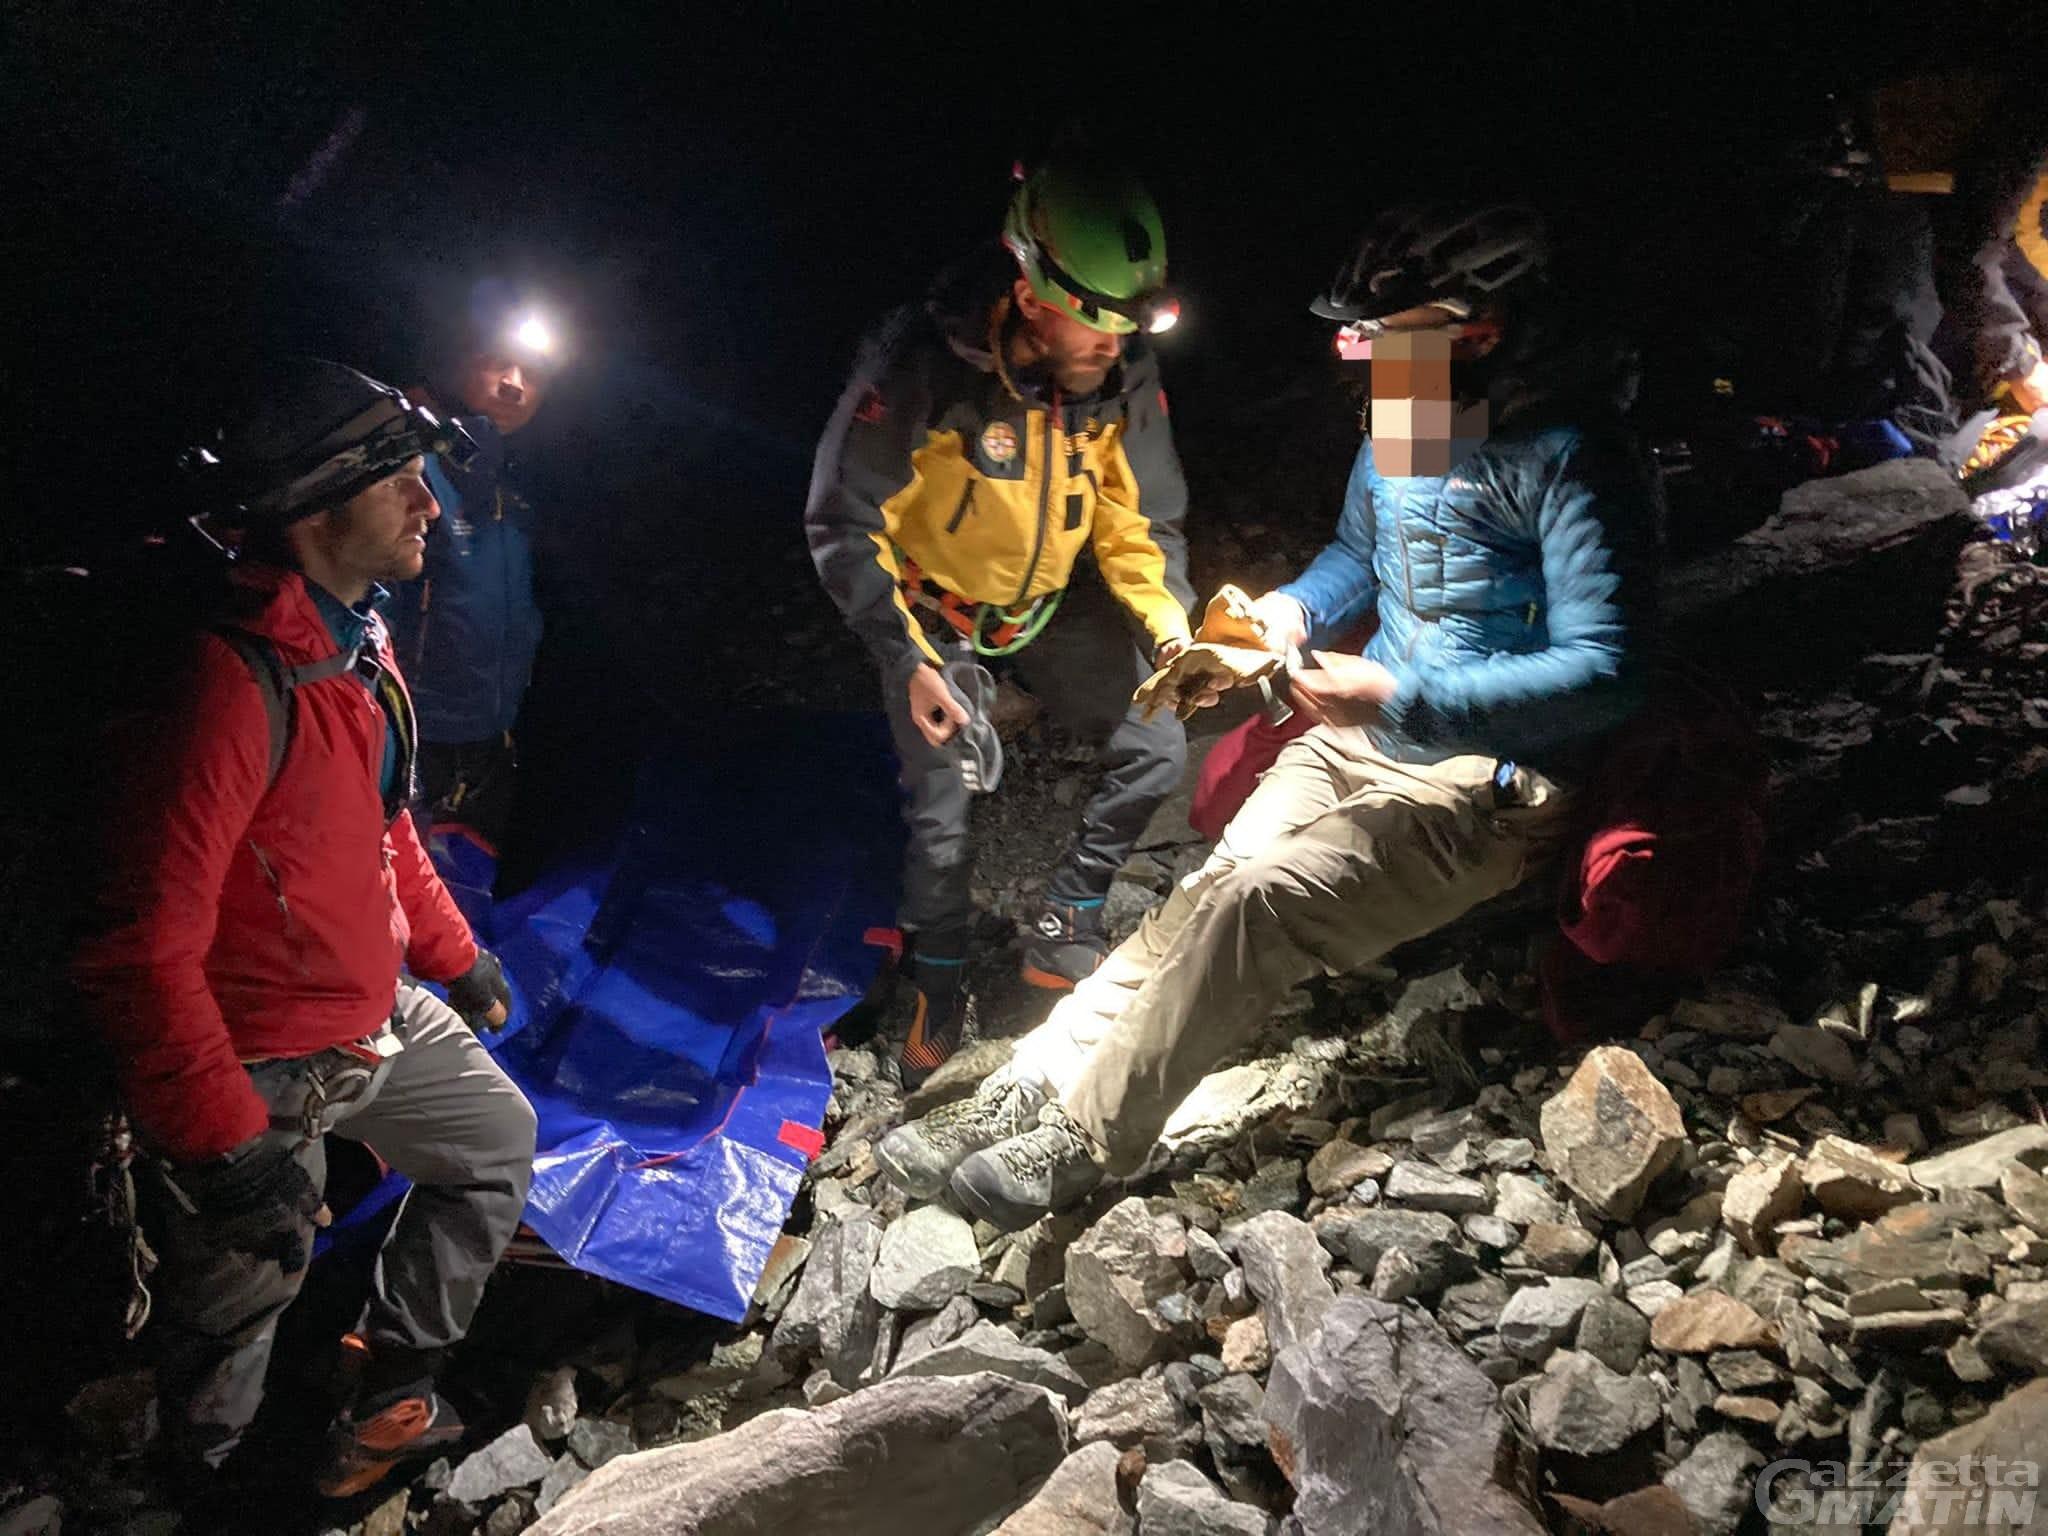 Monte Bianco, alpinista tedesco tratto in salvo nella notte da Sav e Sagf